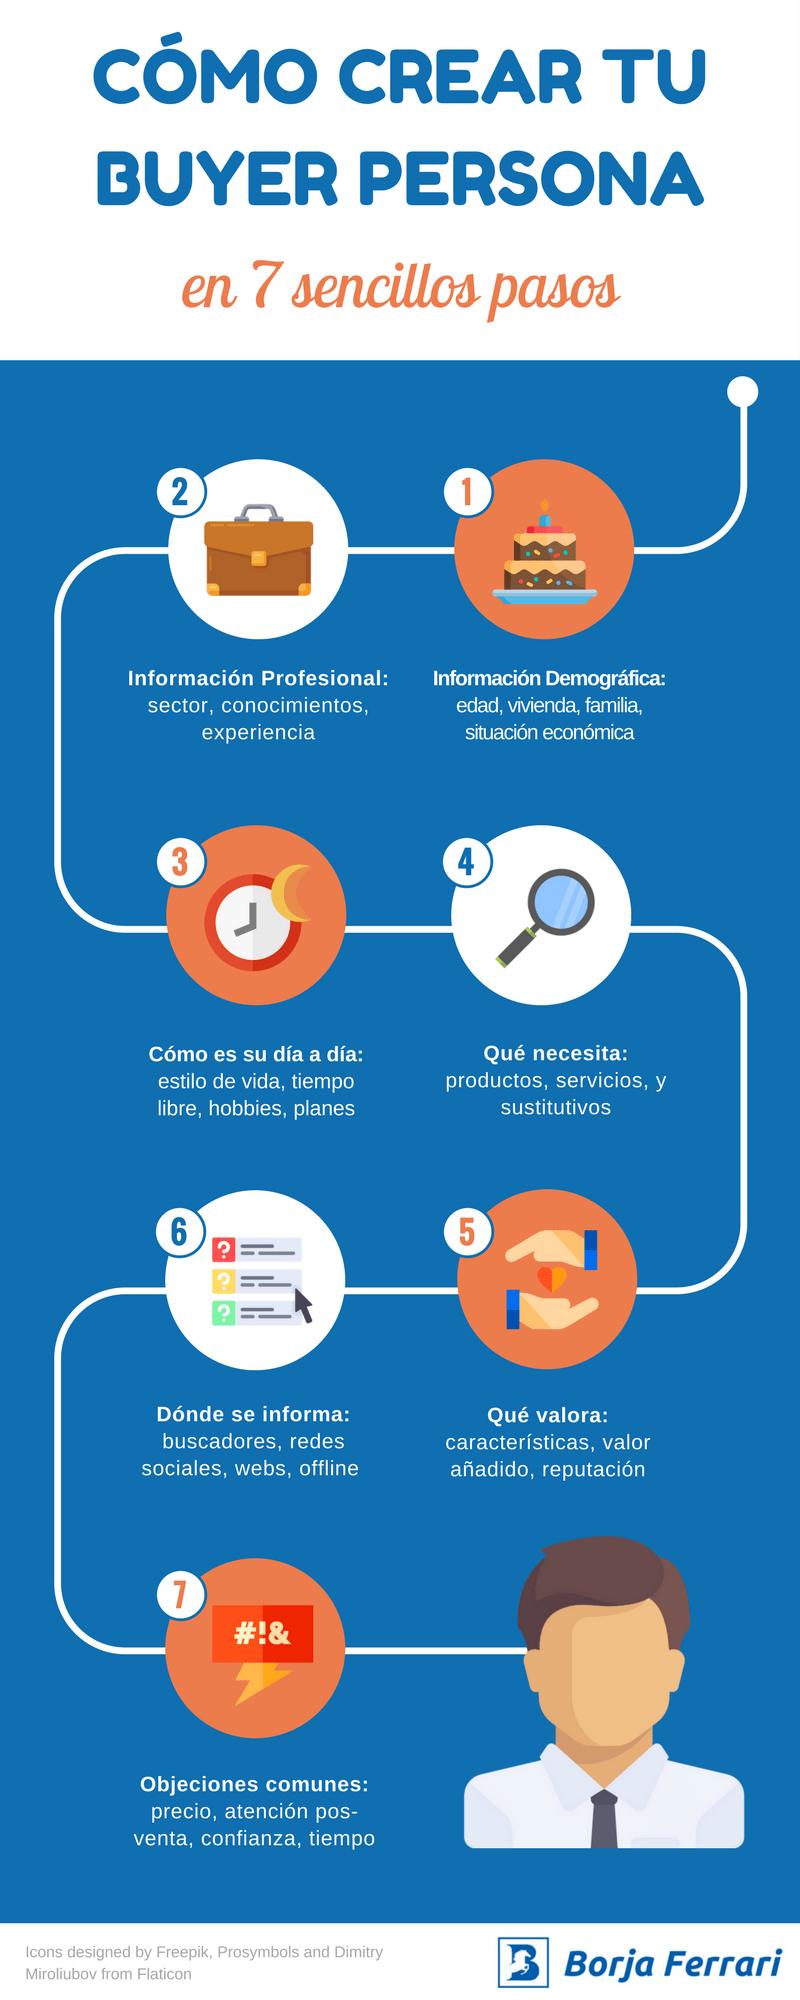 Infografía - Cómo crear Buyer Personas (Borja Ferrari)